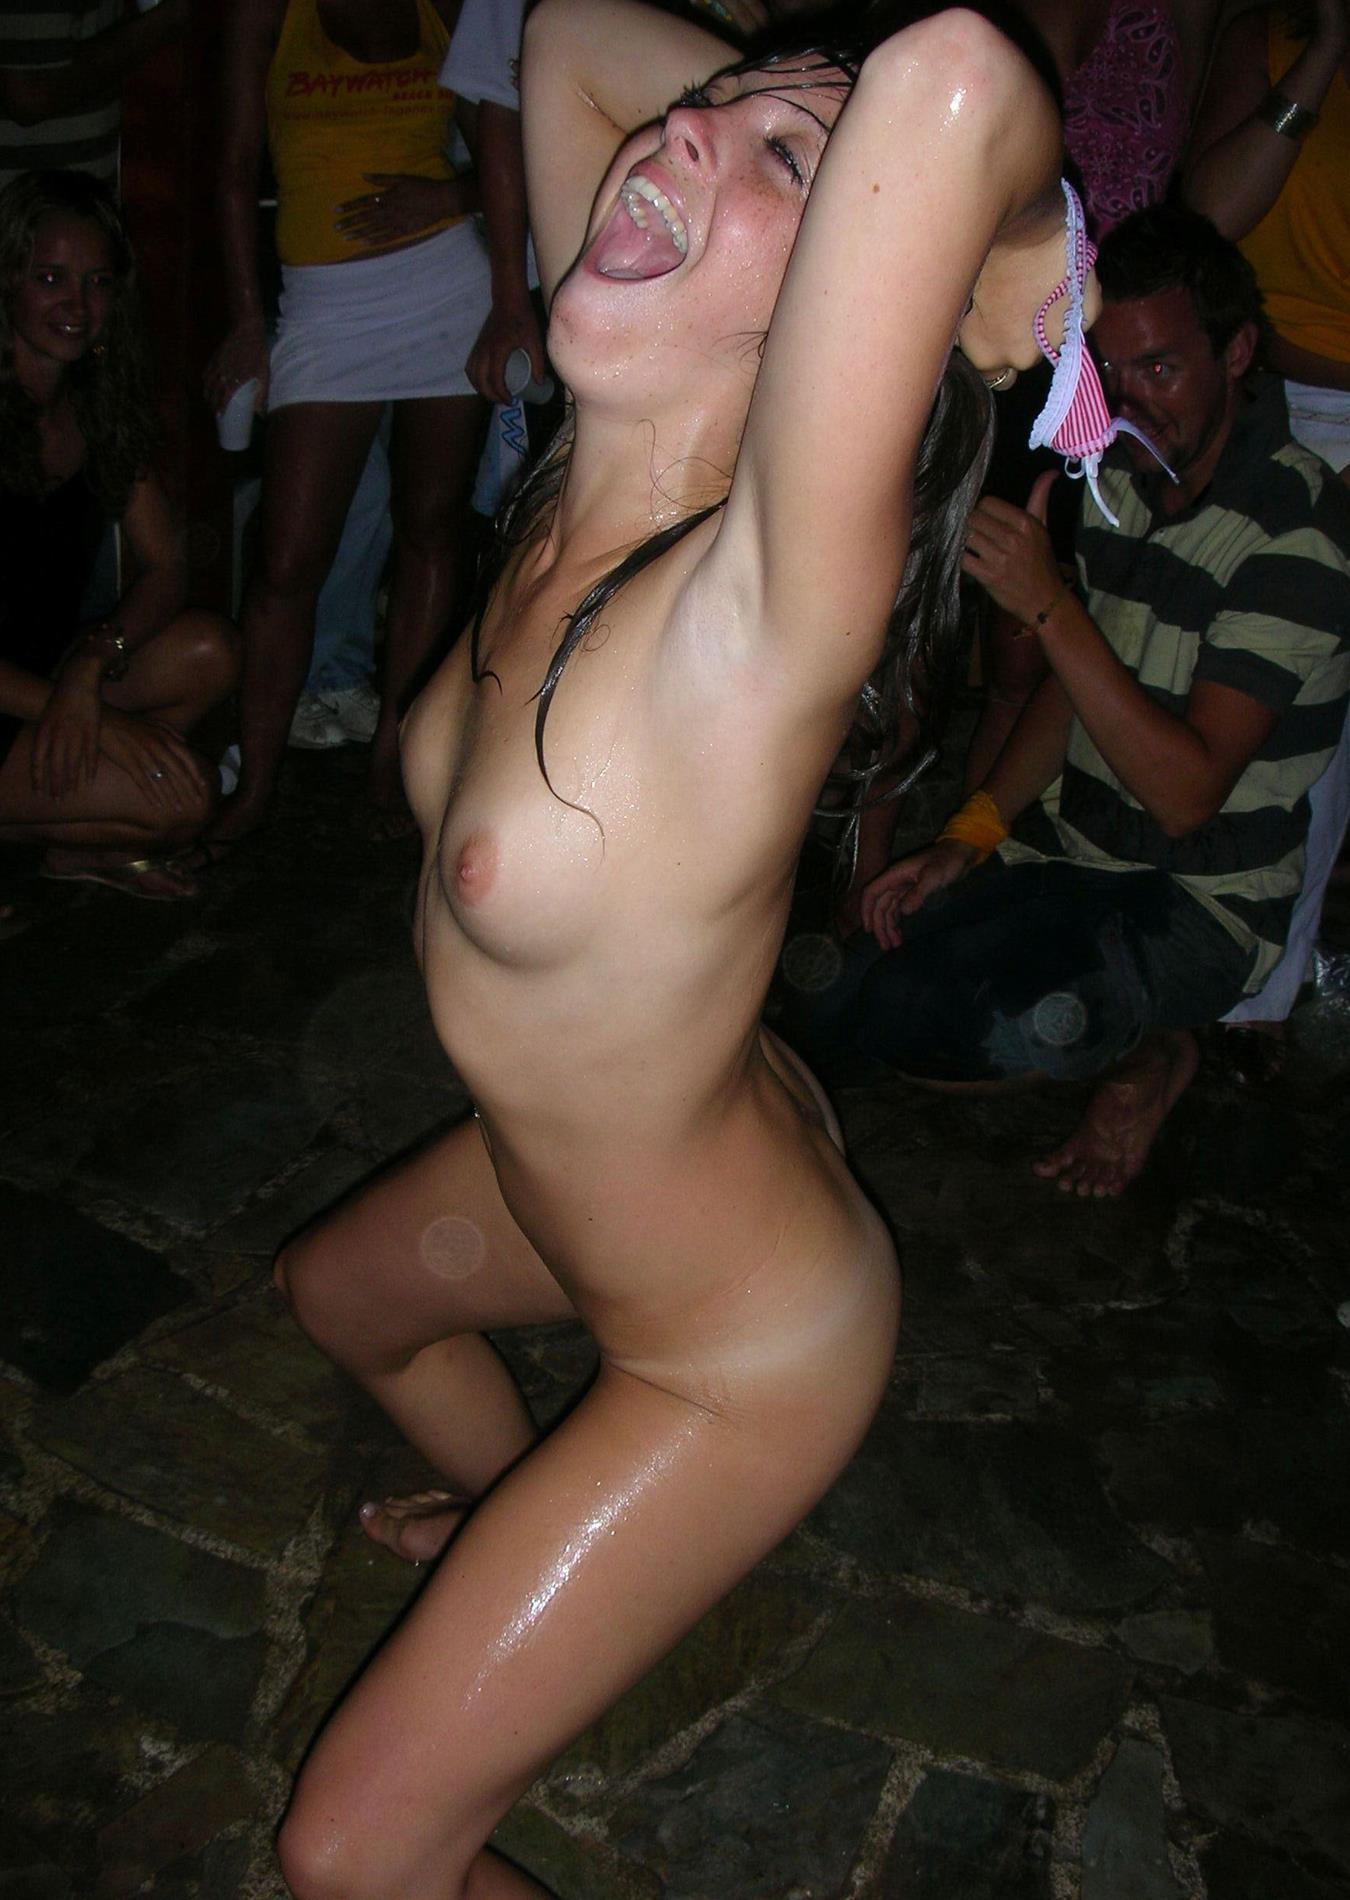 Секс выпившая девушка раздевается видео семечек